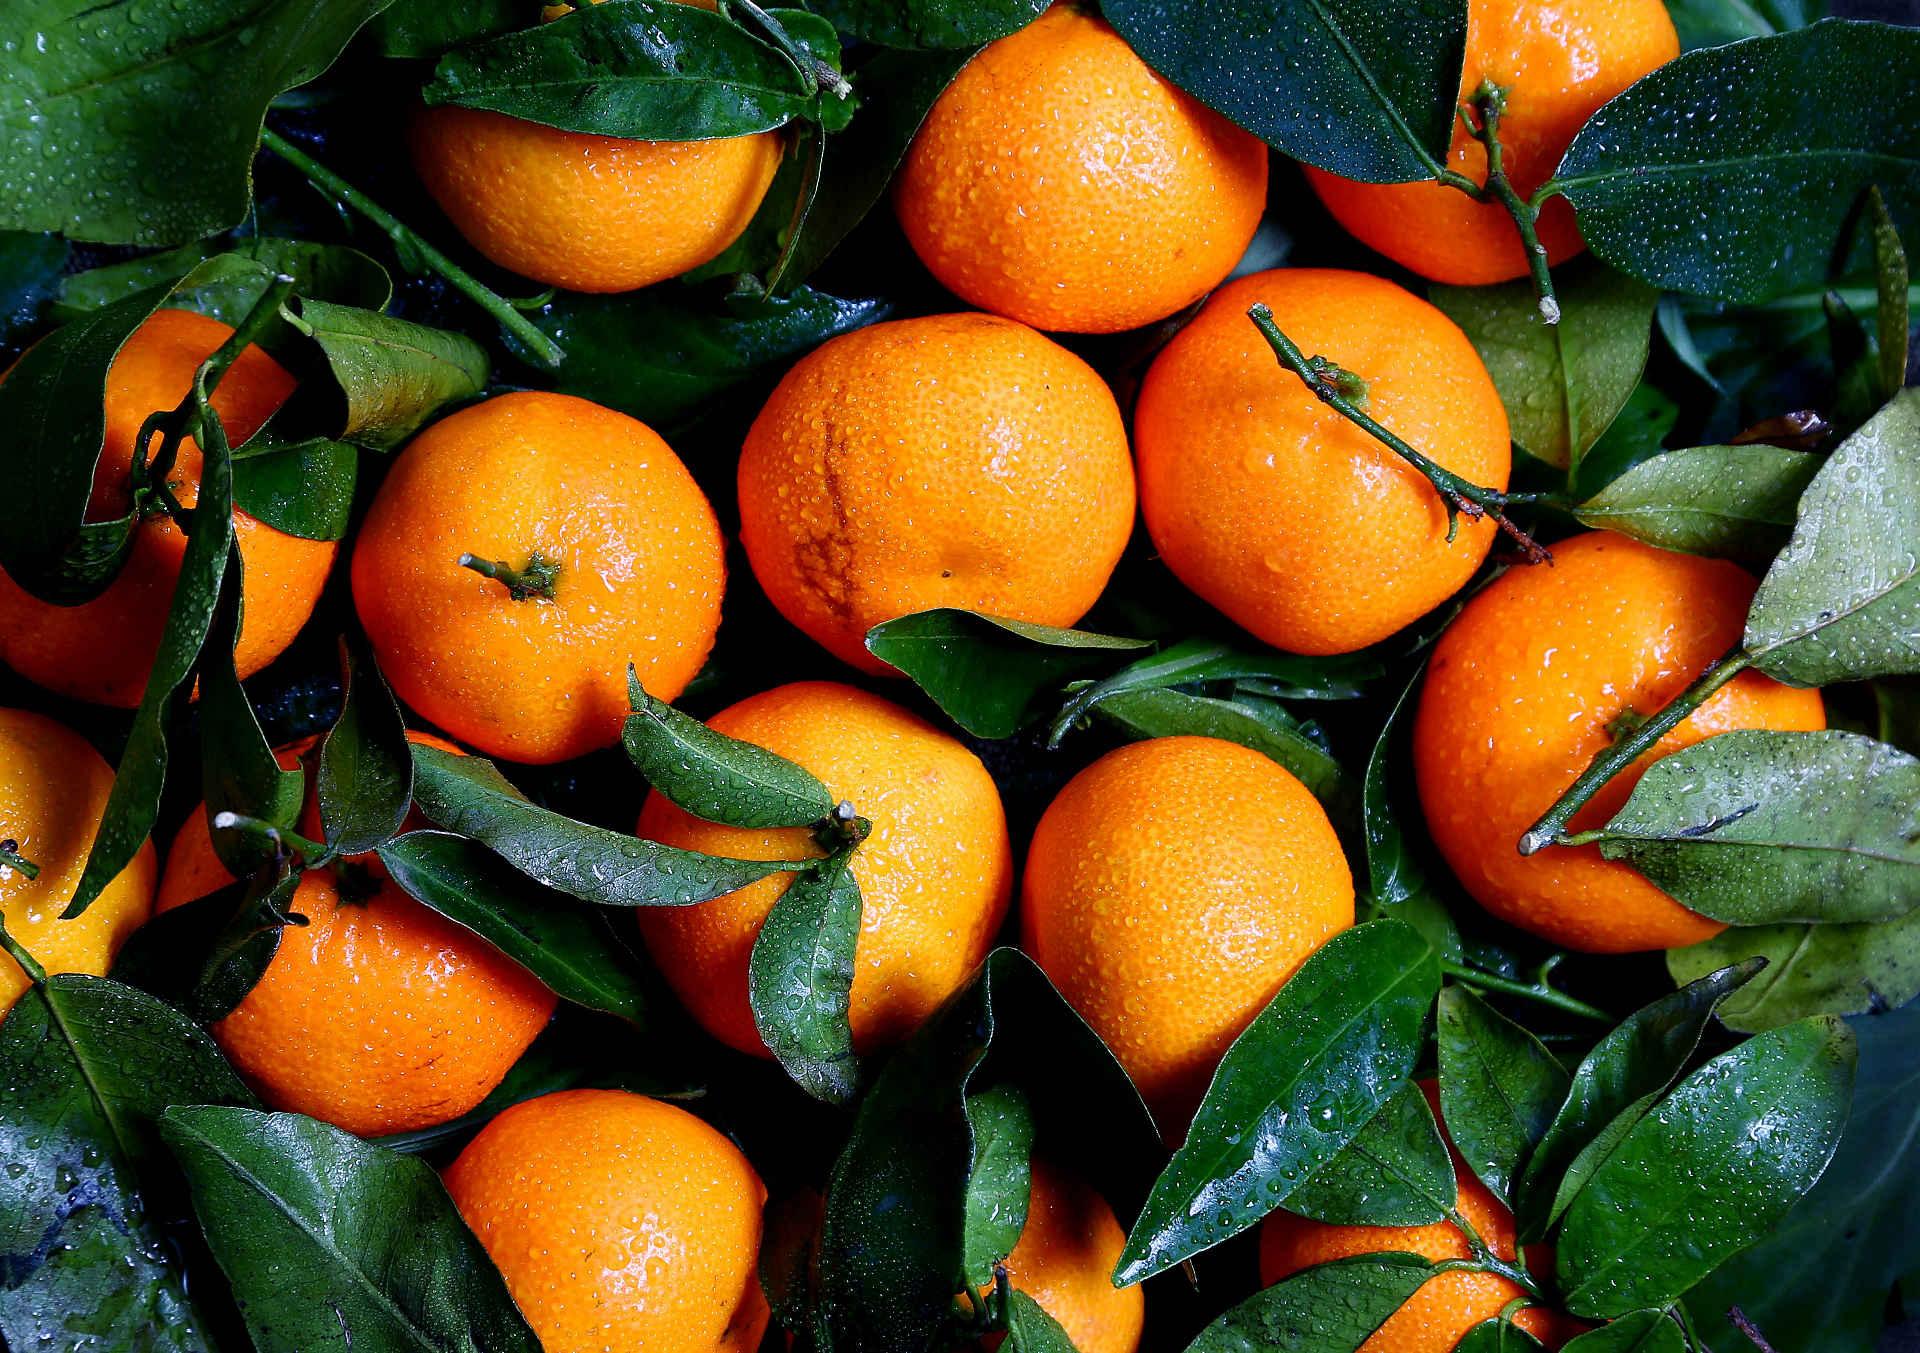 Wieviel Wasser braucht eine Orange, bis sie im Supermarkt liegt?